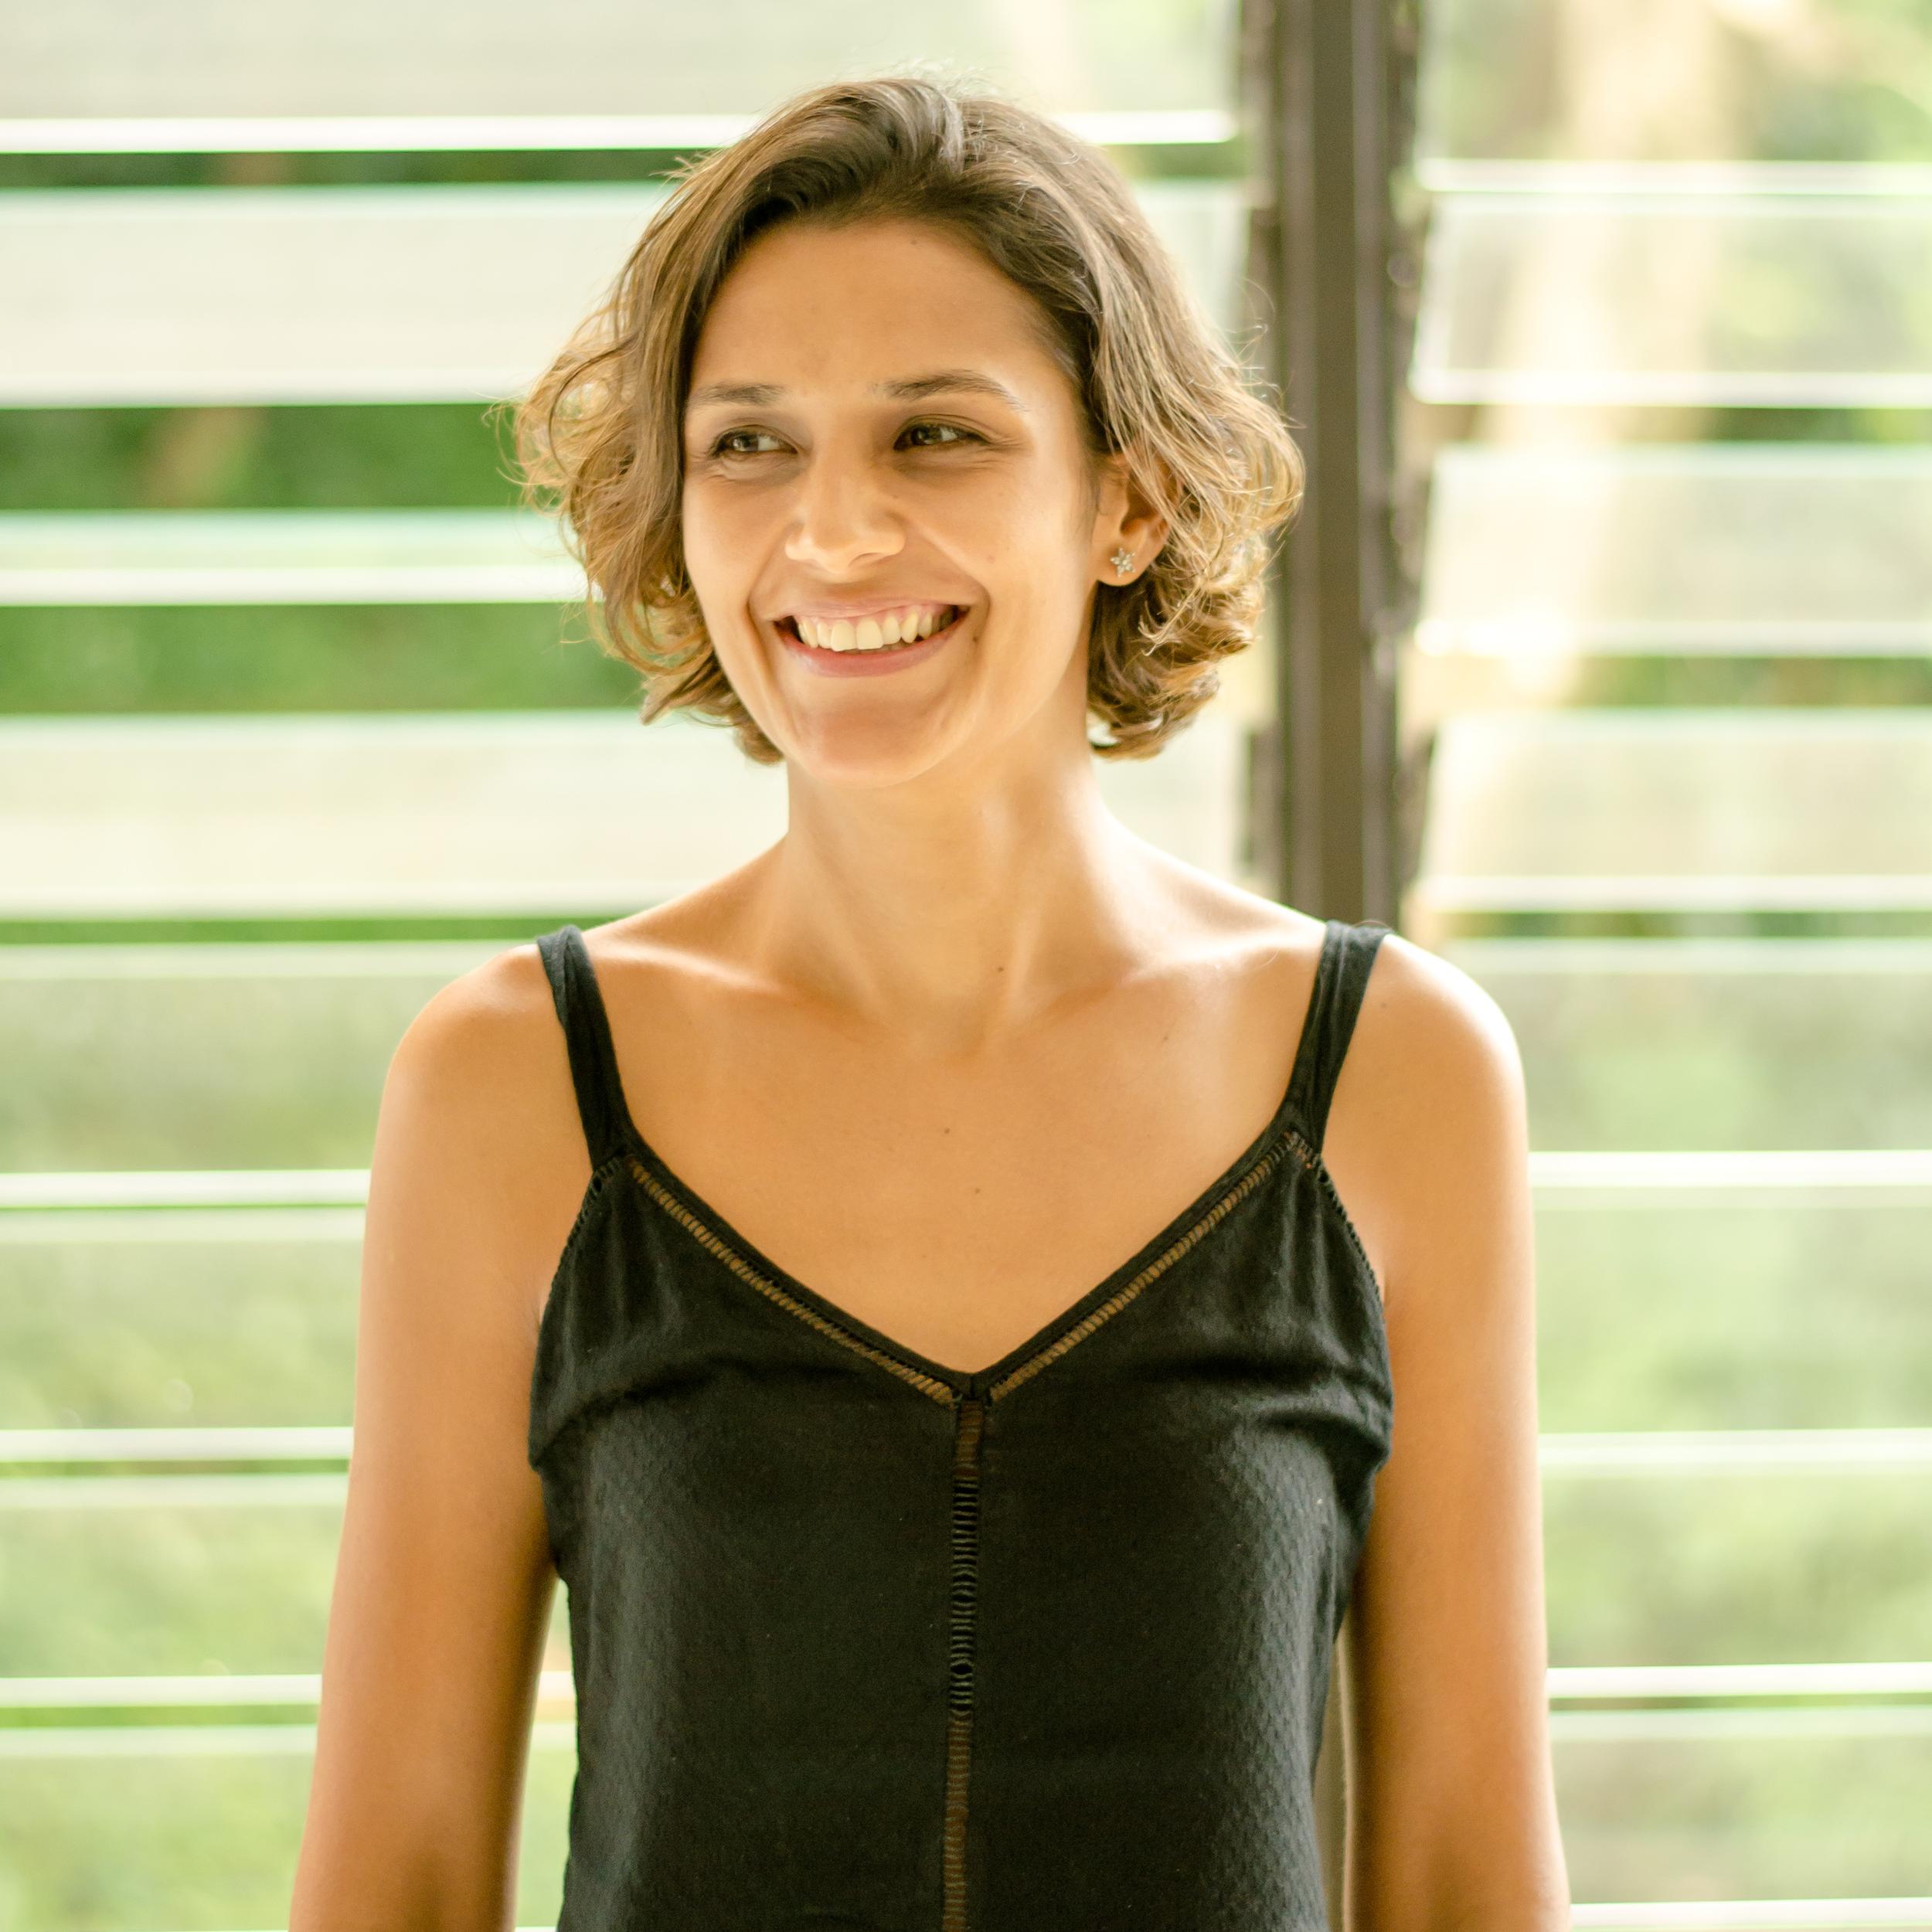 Fernanda Carvalho - Arquiteta e Urbanista. Coordenadora de projetos.